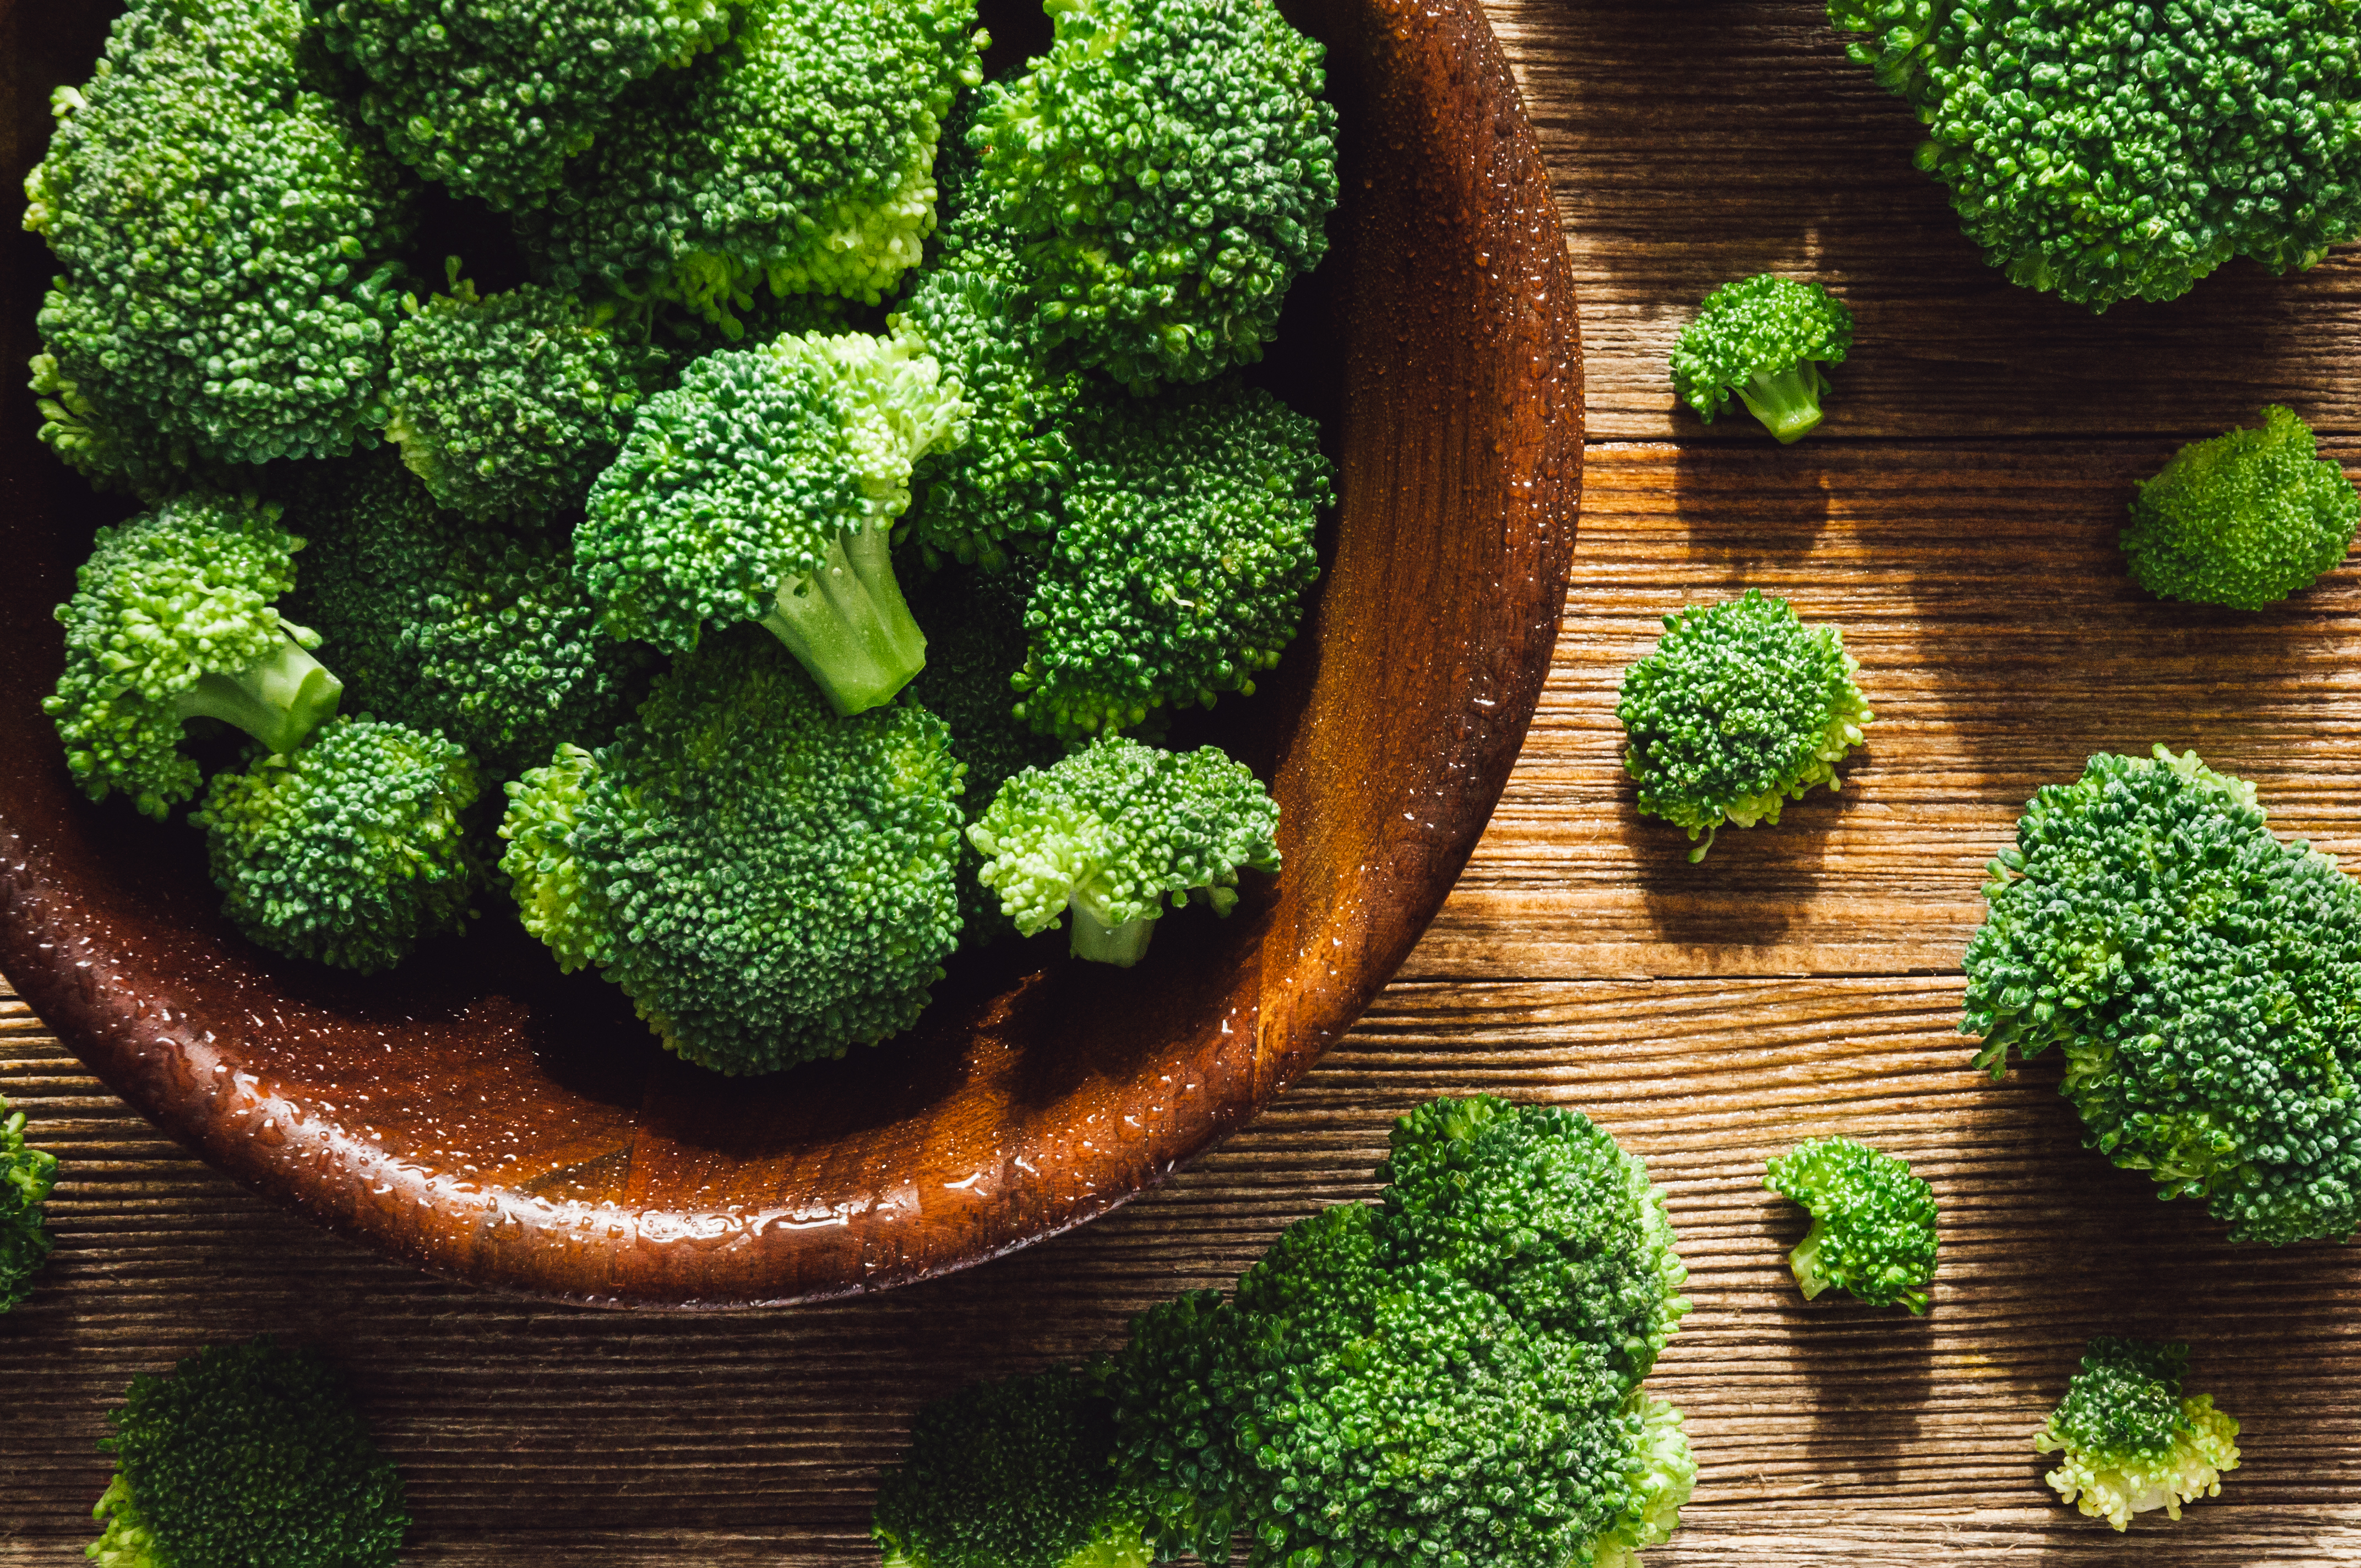 Винаги прехвърляйте прясно събраните или закупени от магазина броколи, възможно по-бързо на хладно място.Идеално могат да се съхраняват и в хладилника при малко над 0°C и при високо ниво на влажност.